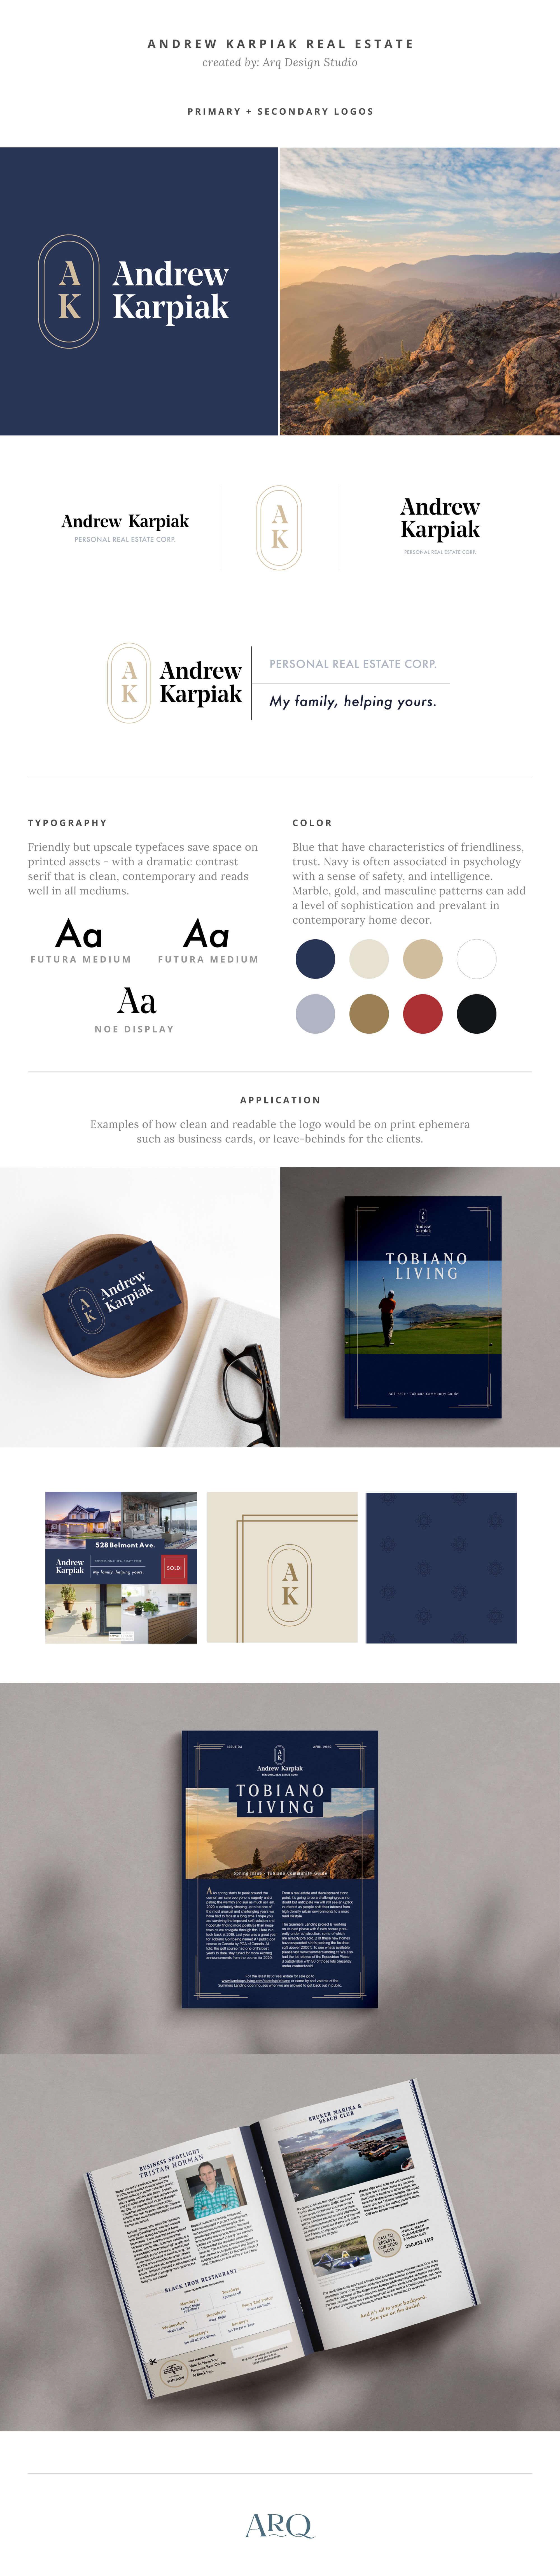 Brand presentation of Andrew Karpiak logo and identity design refresh